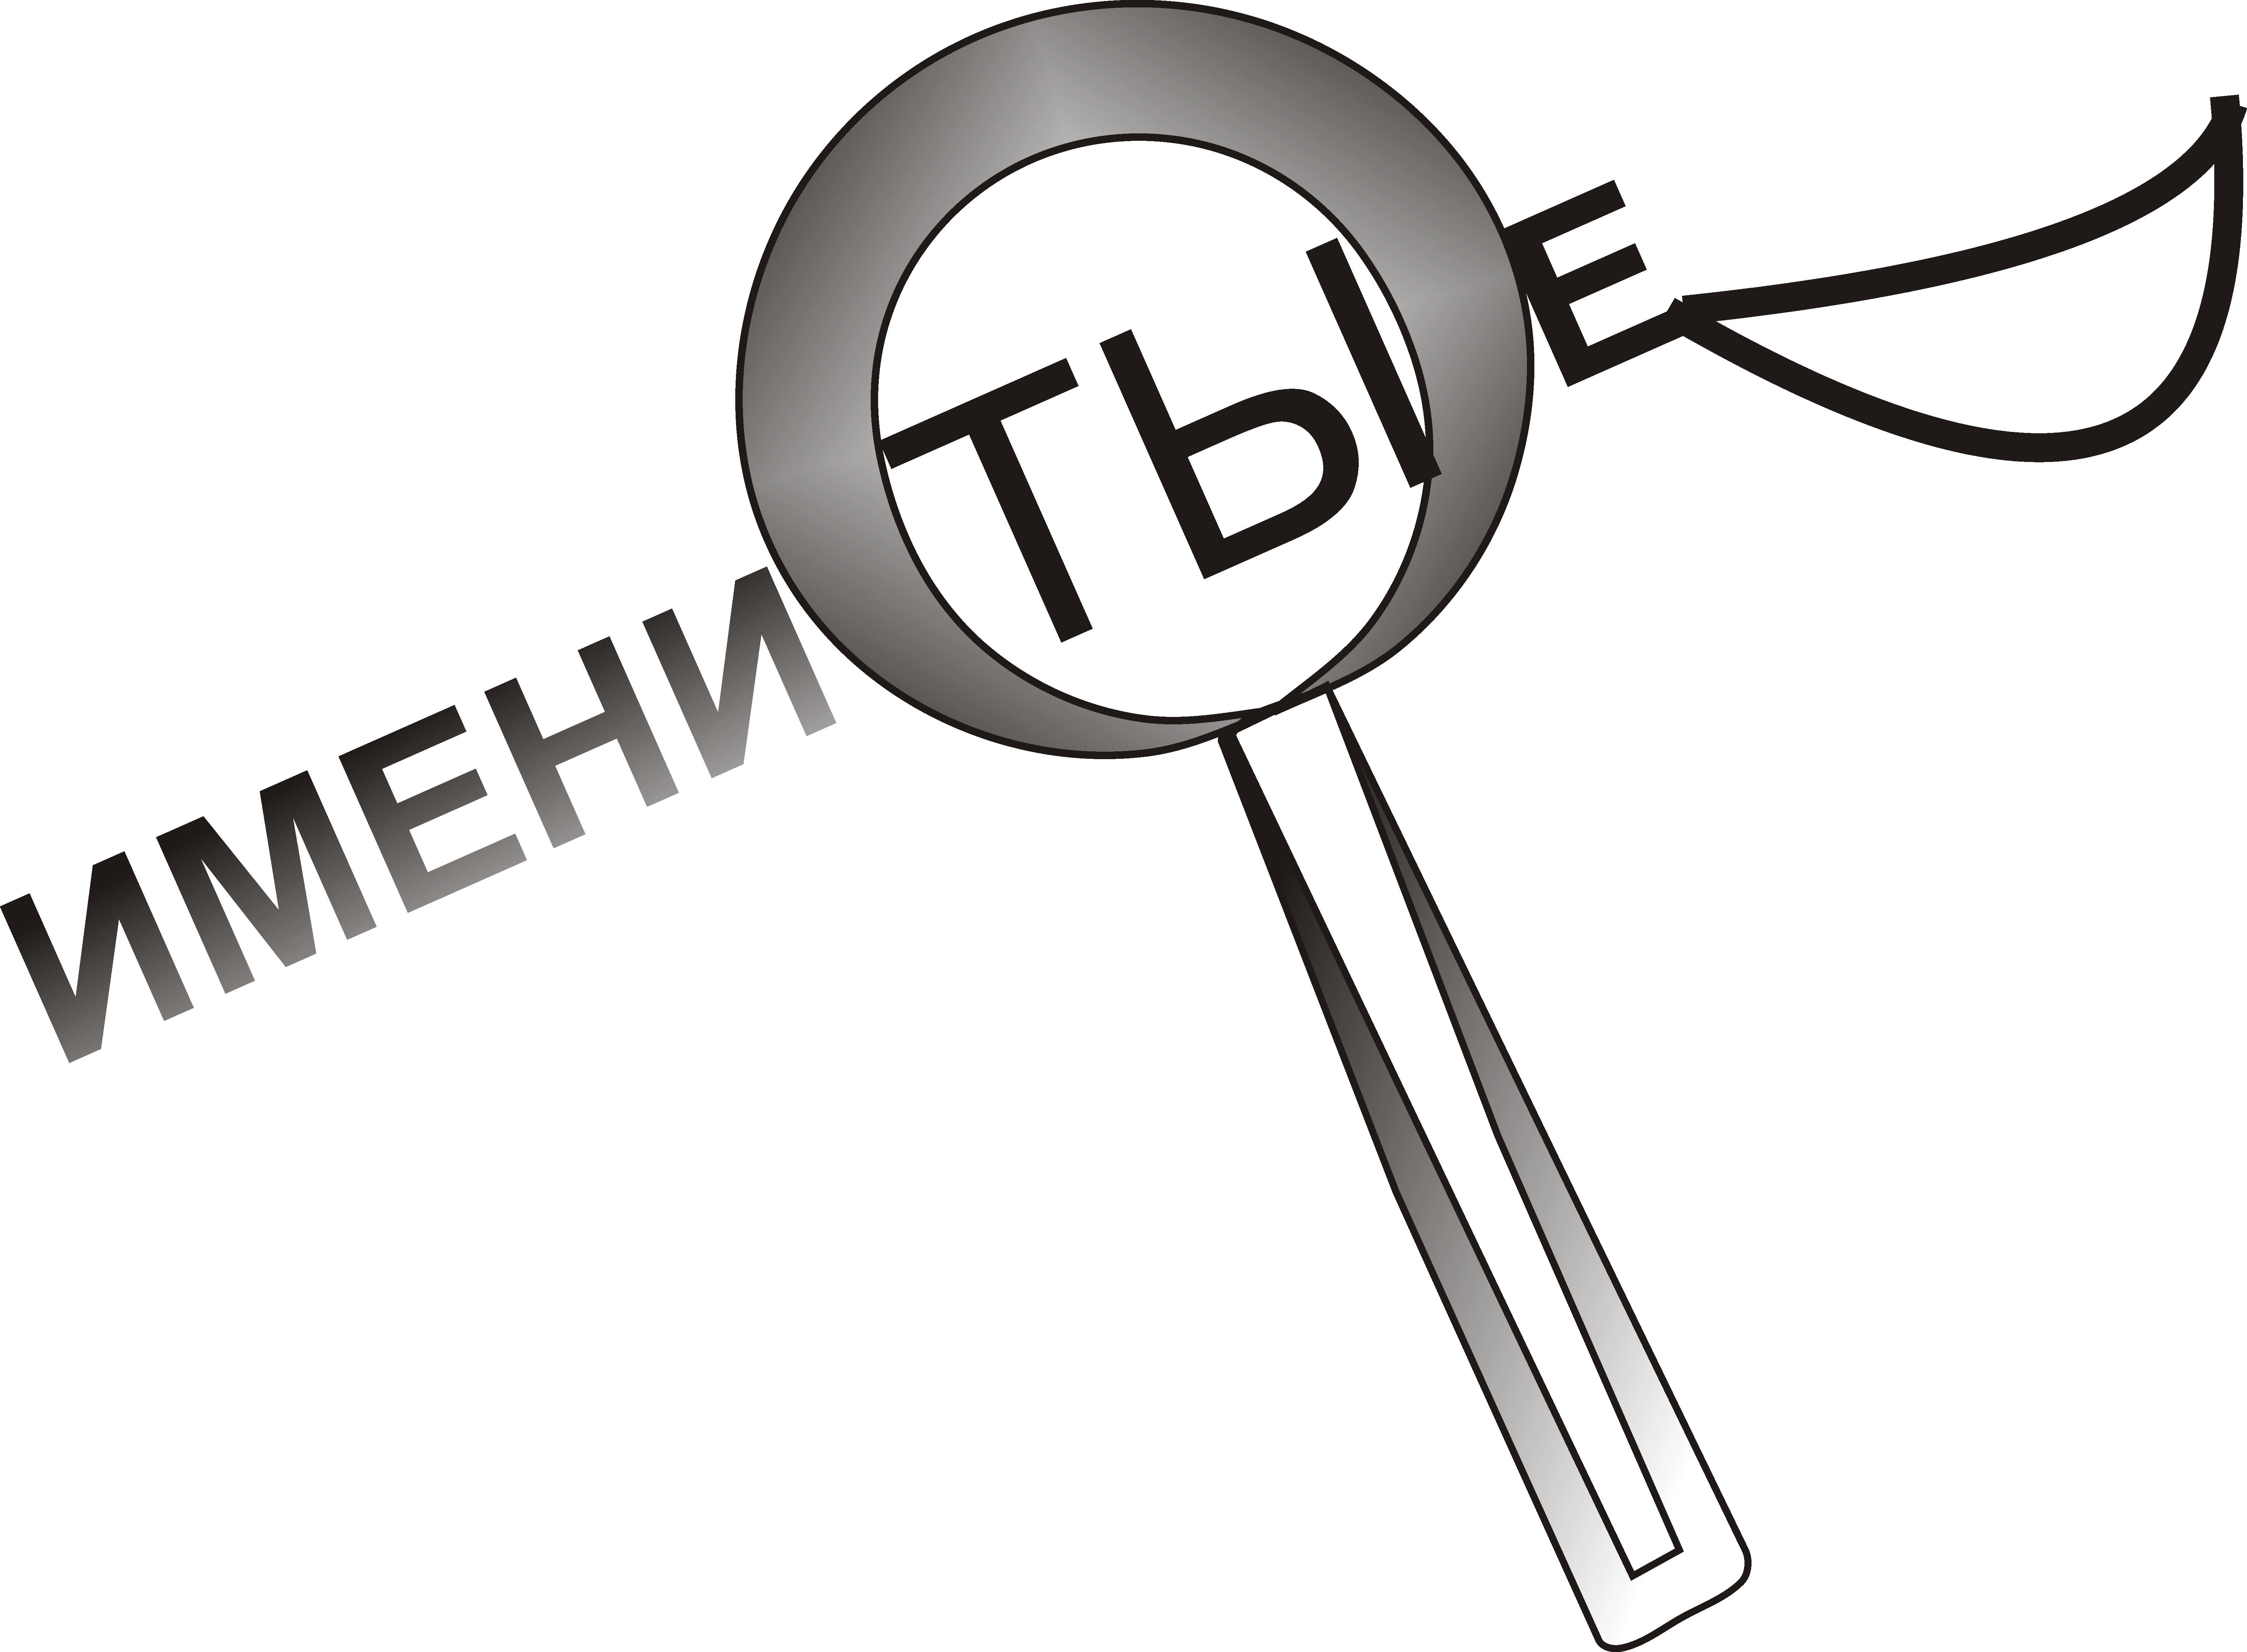 Логотип и фирменный стиль продуктов питания фото f_9365bc0f82018371.jpg